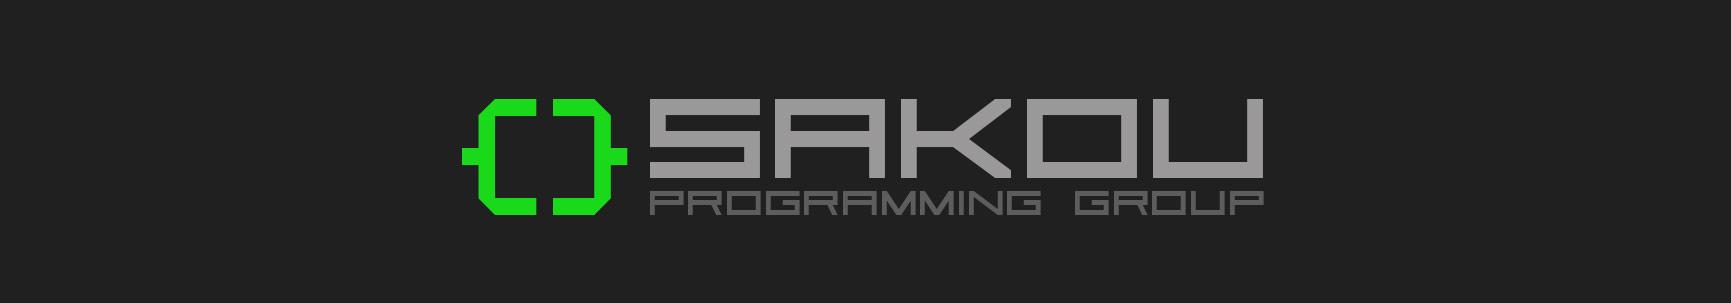 sakou programming group